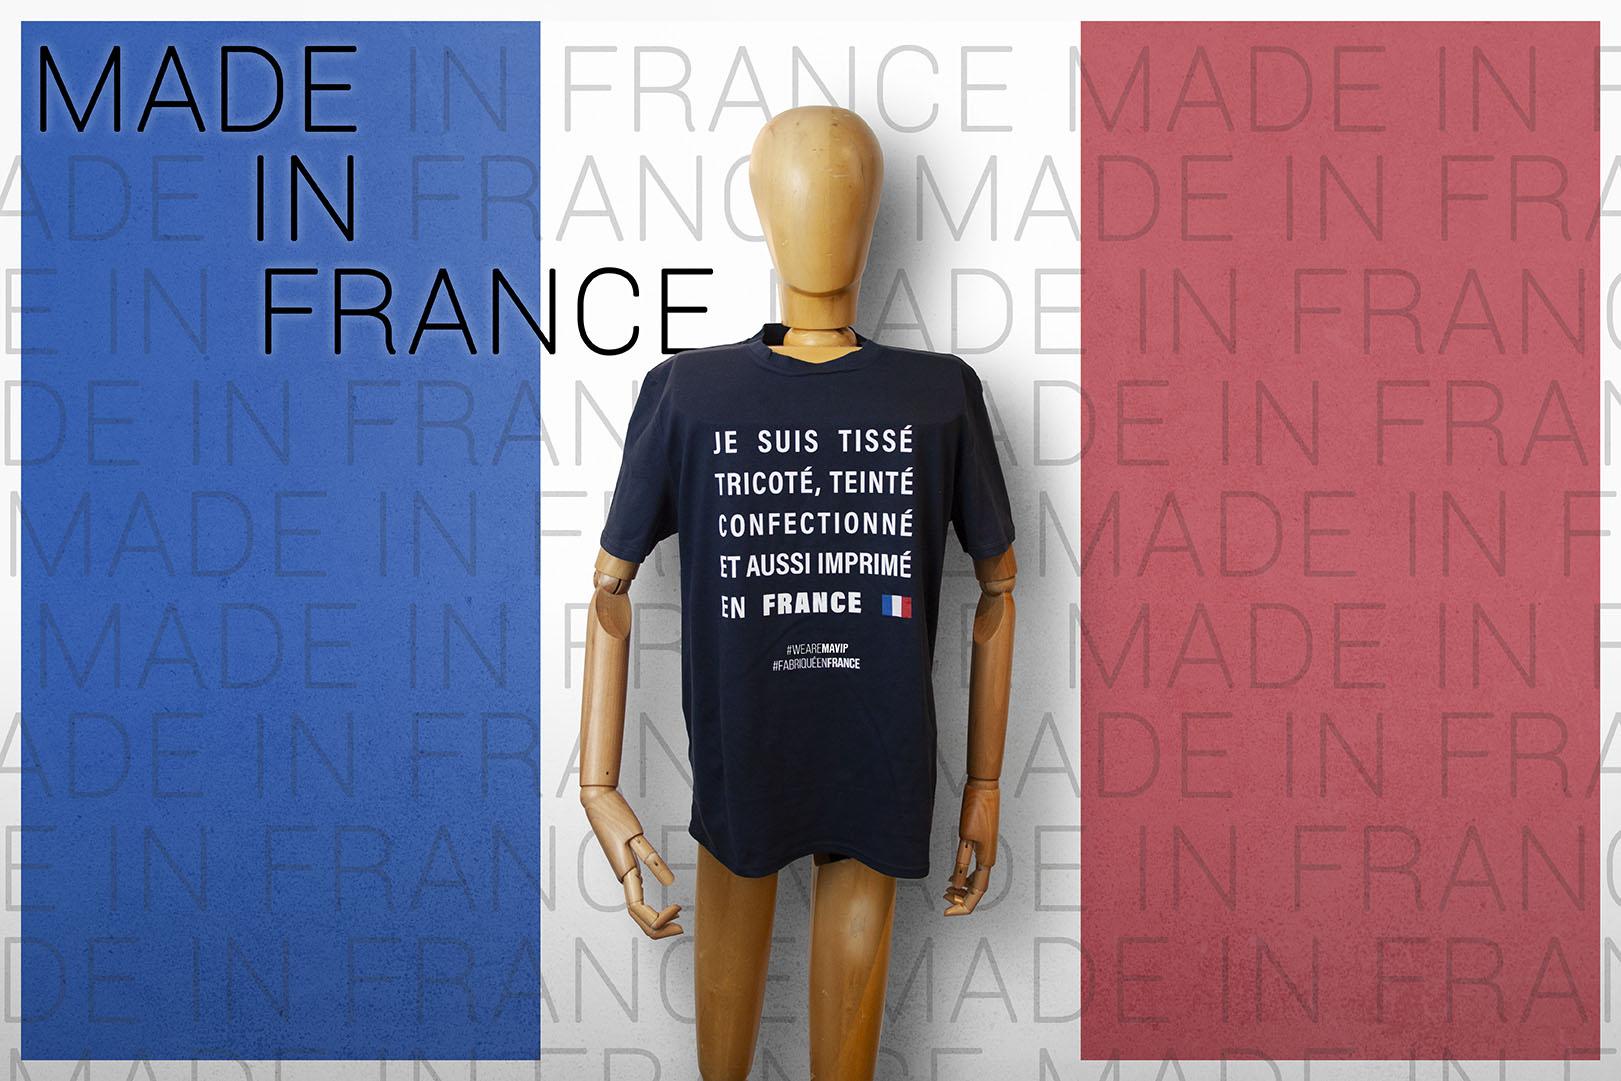 LE T-shirt made in france personnalisable avec logo d'entreprise